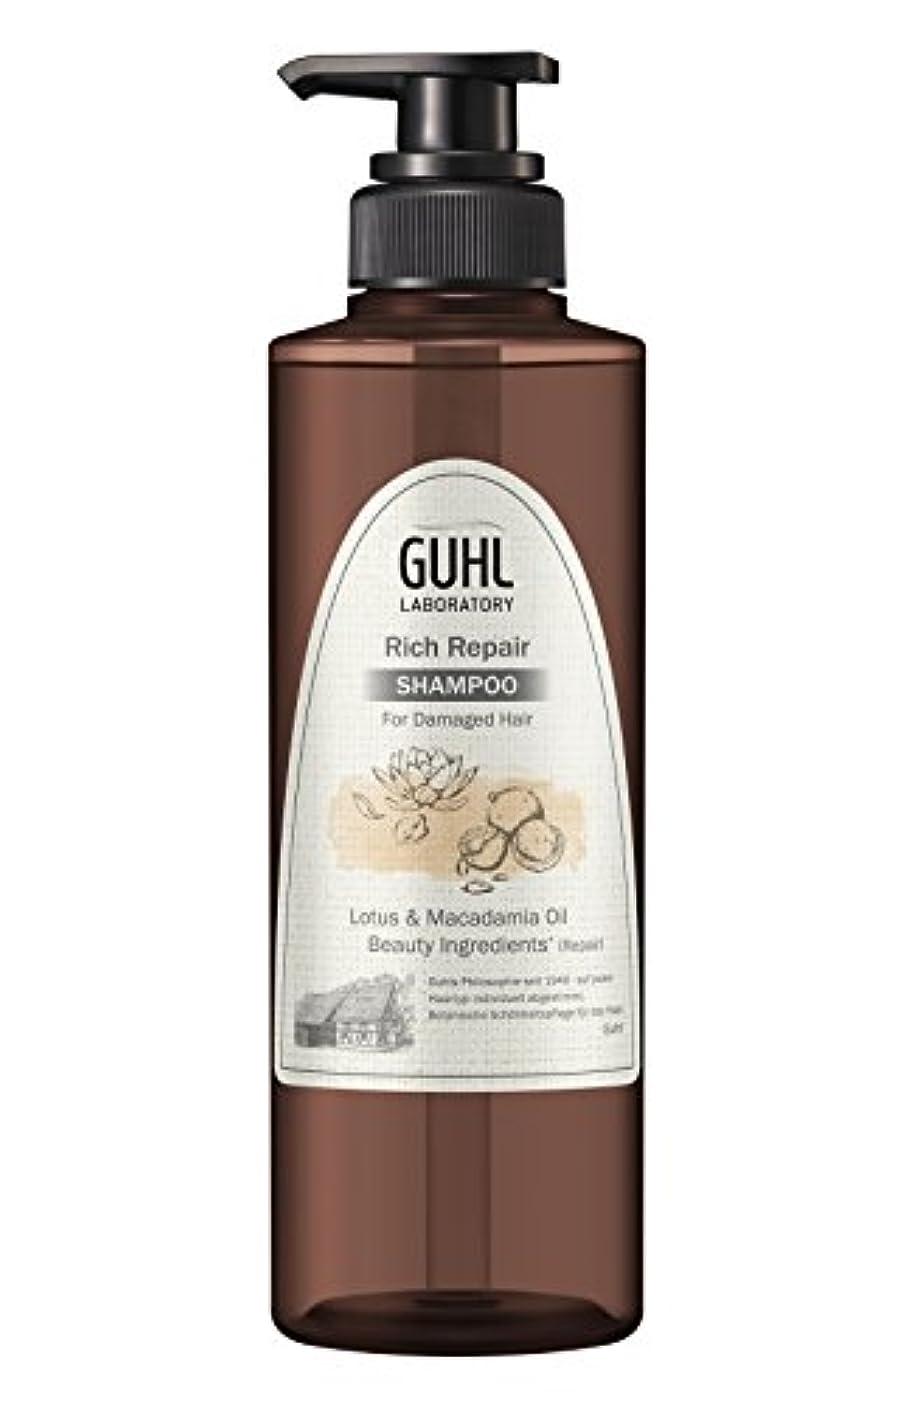 急襲典型的な奇跡グール ラボラトリー シャンプー (ダメージのある髪へ) 植物美容 ヘアケア [ノンシリコン 処方] リッチリペア 430ml